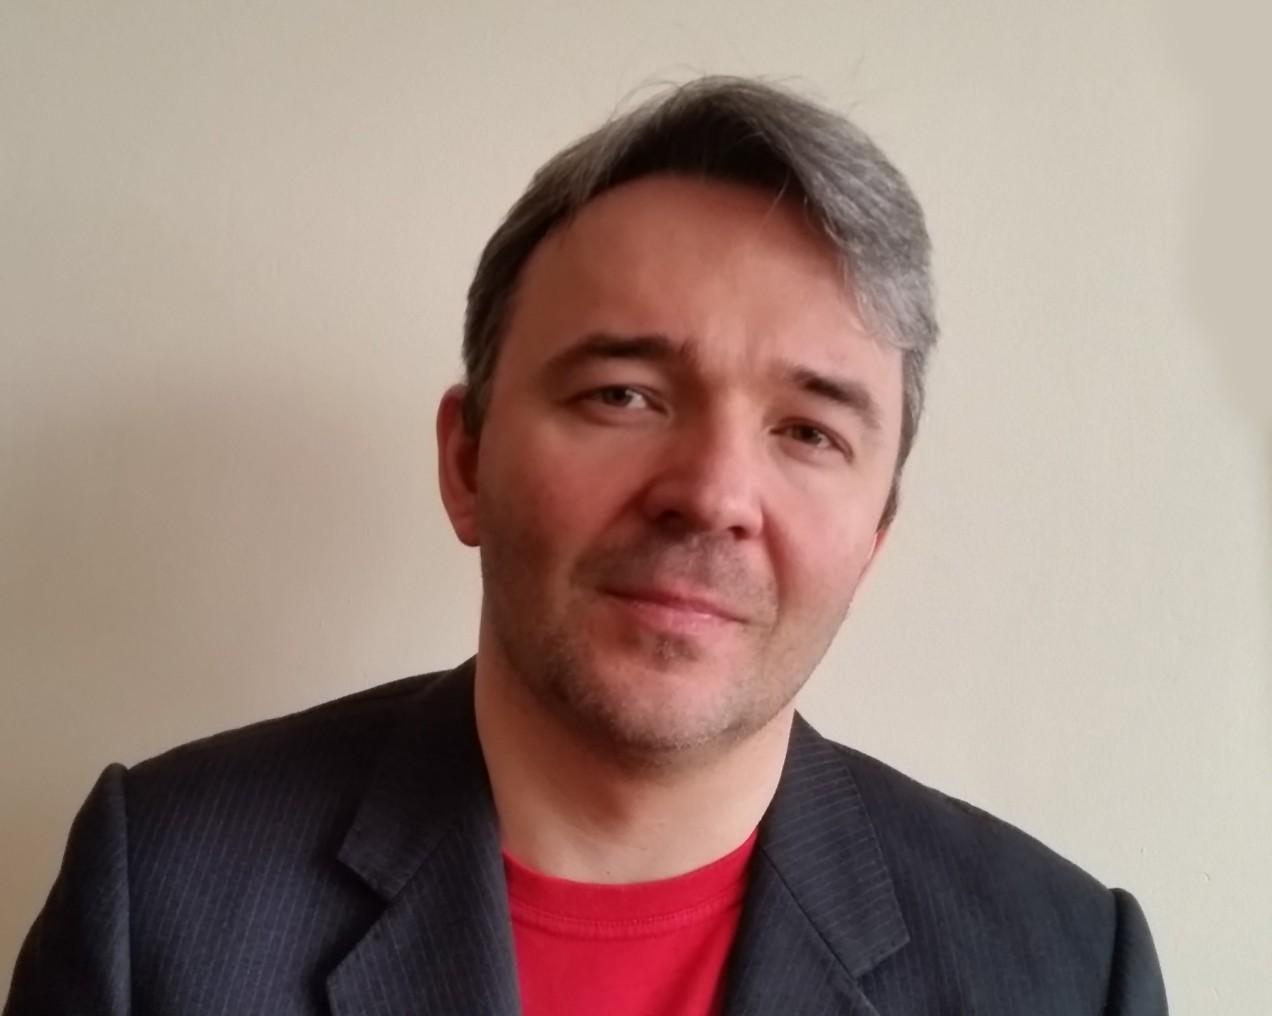 Wojciech Wojnarowicz